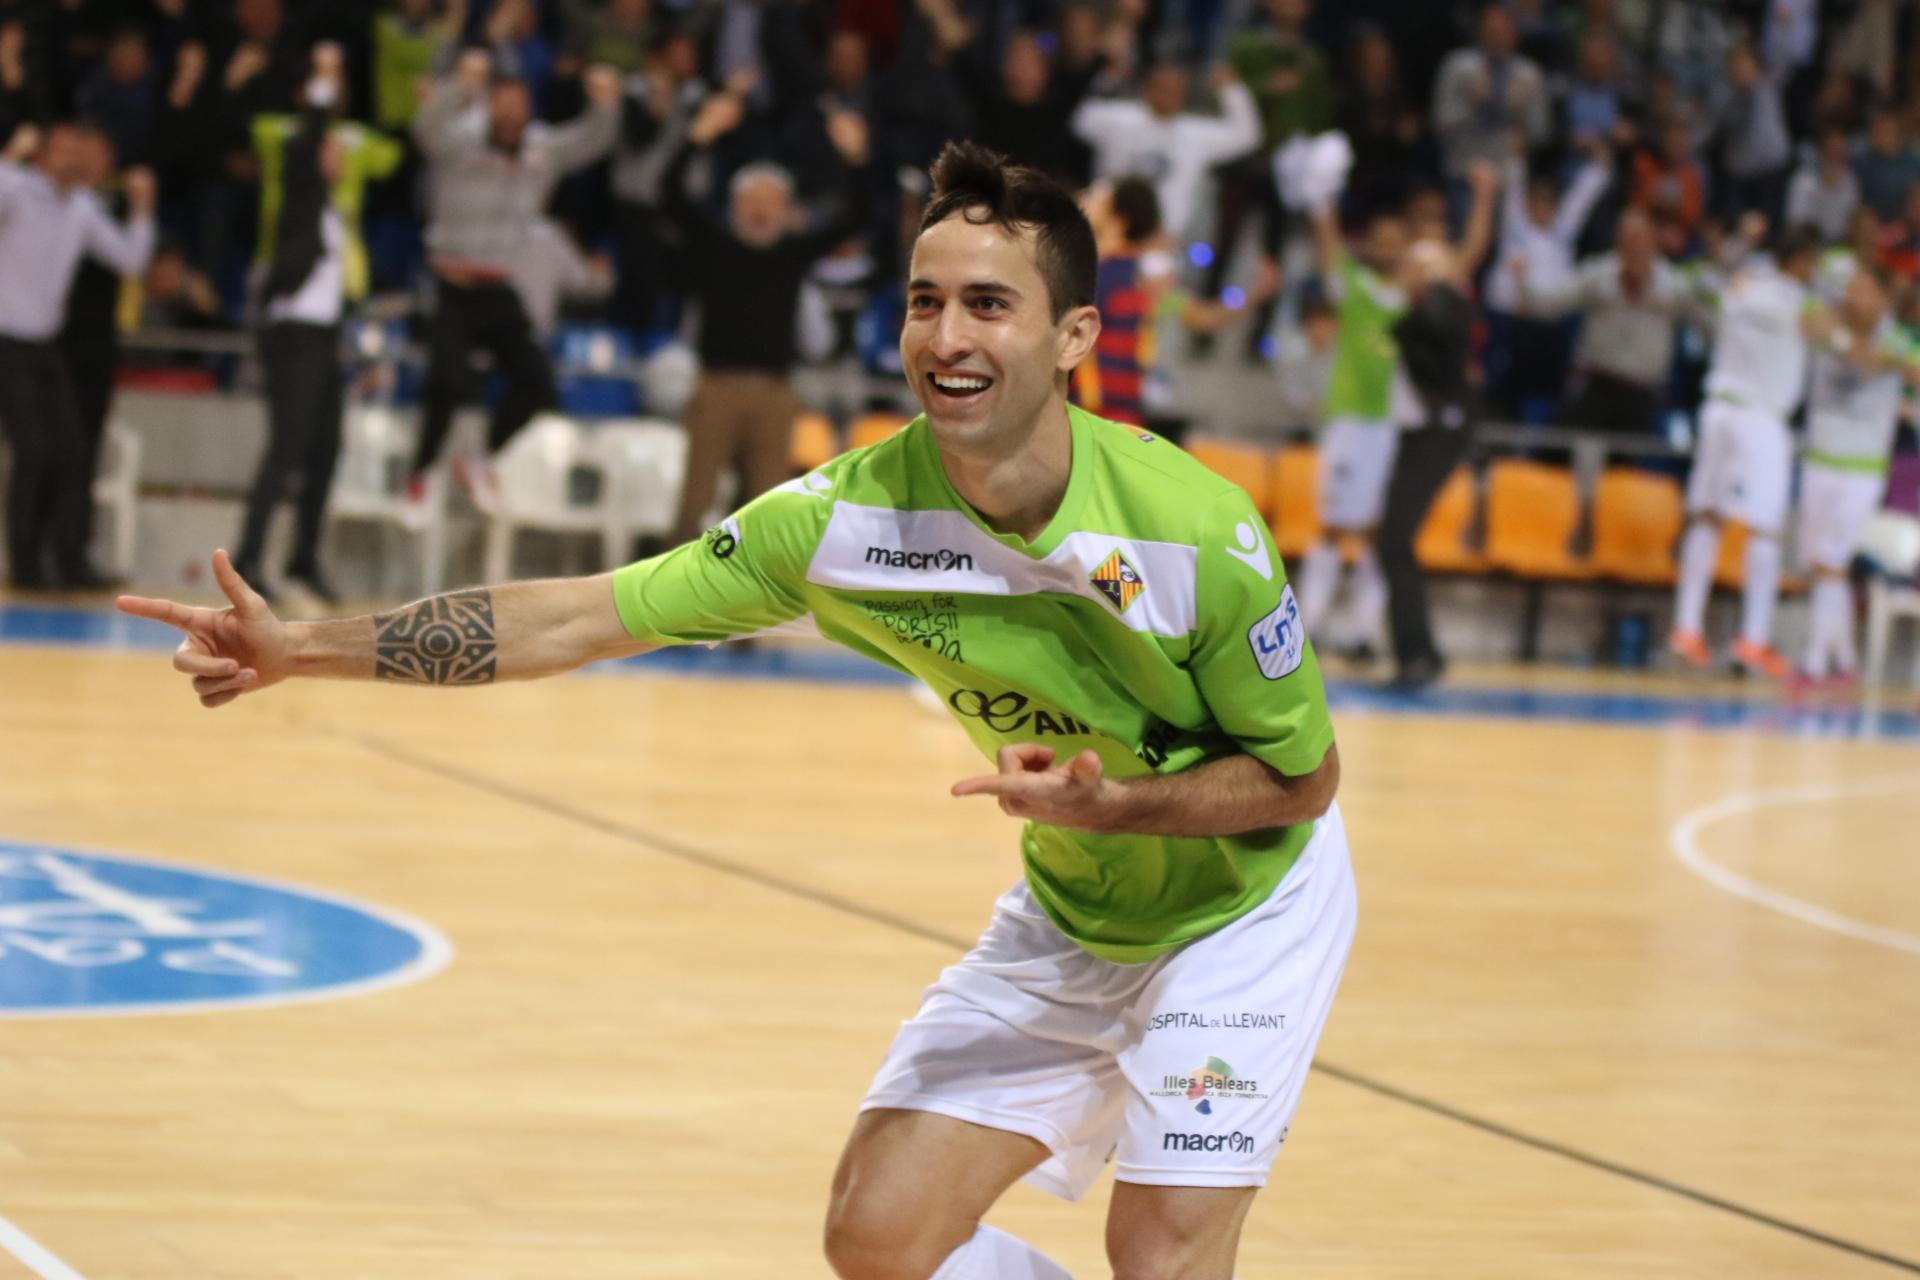 Joao marcó el último gol en la semifinal de la Copa del Rey ante el F.C. Barcelona Lassa